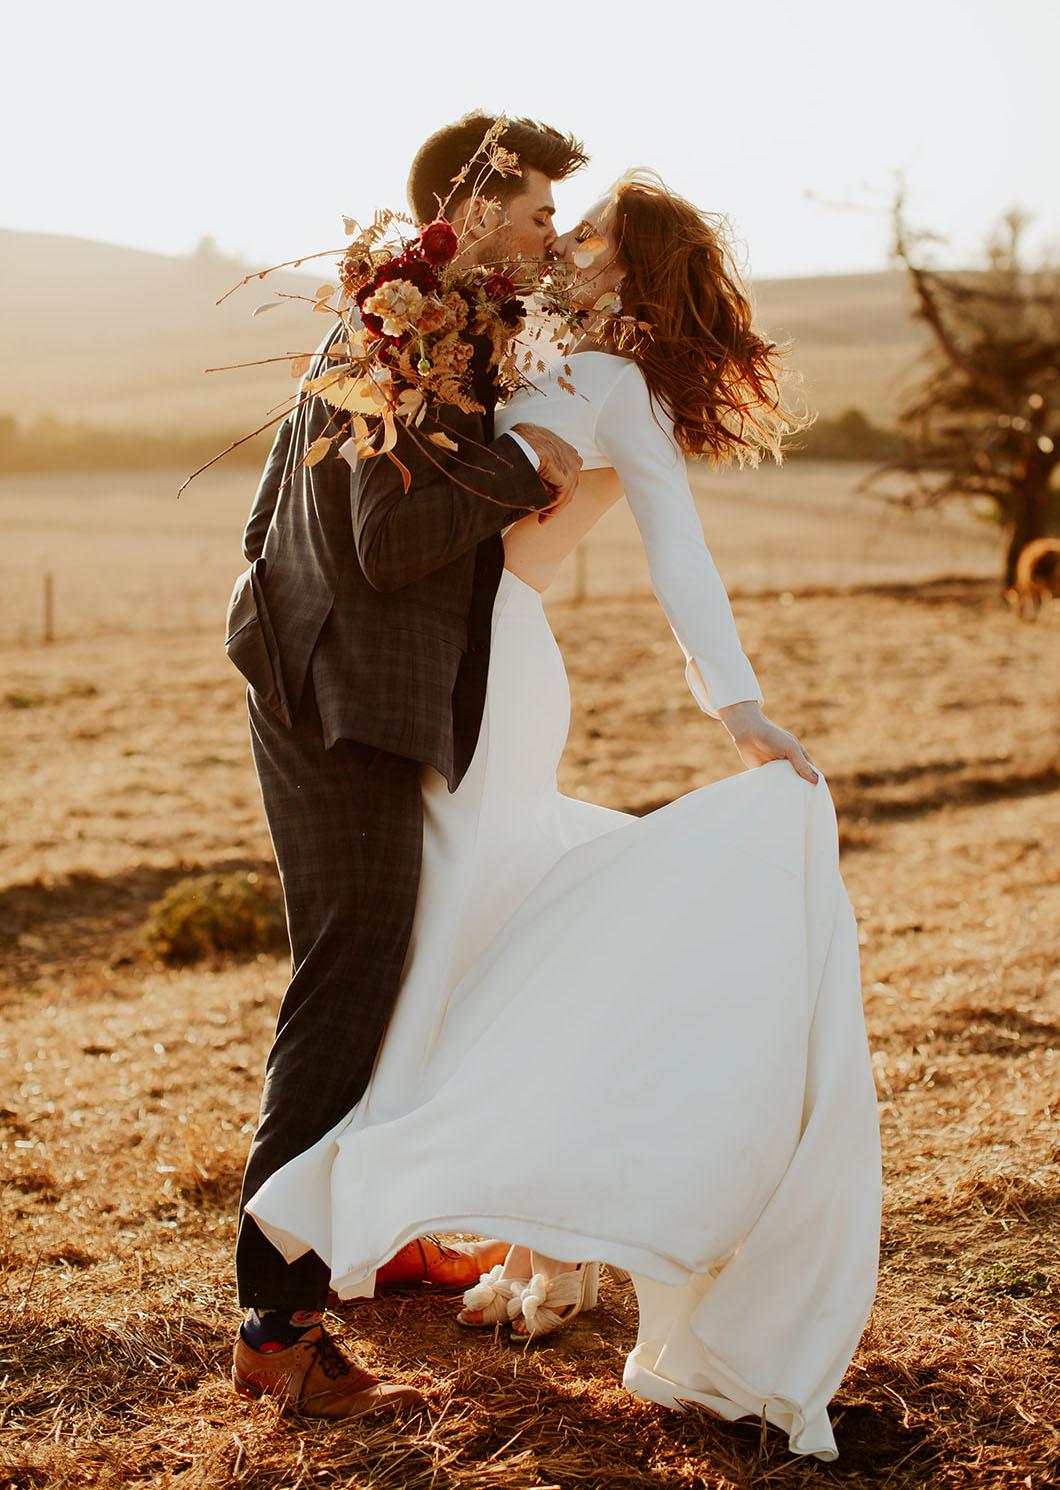 Vou casar, e agora? | 11 dicas para quem vai casar em 2021